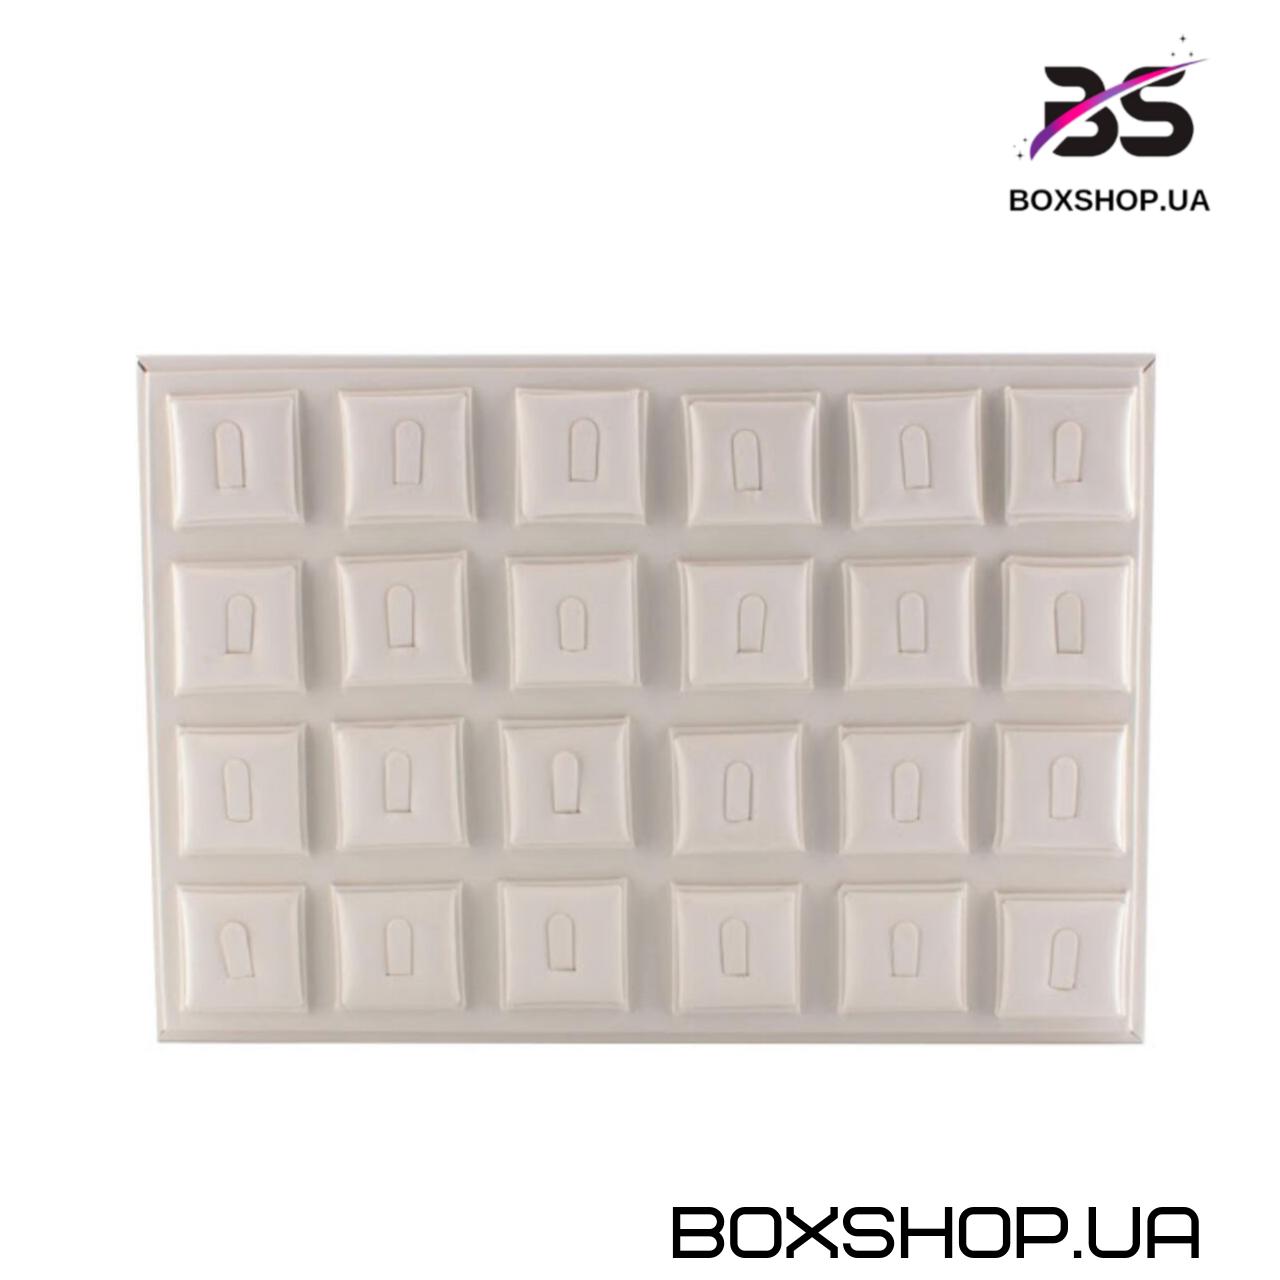 Ювелирный планшет BOXSHOP - 1020838460